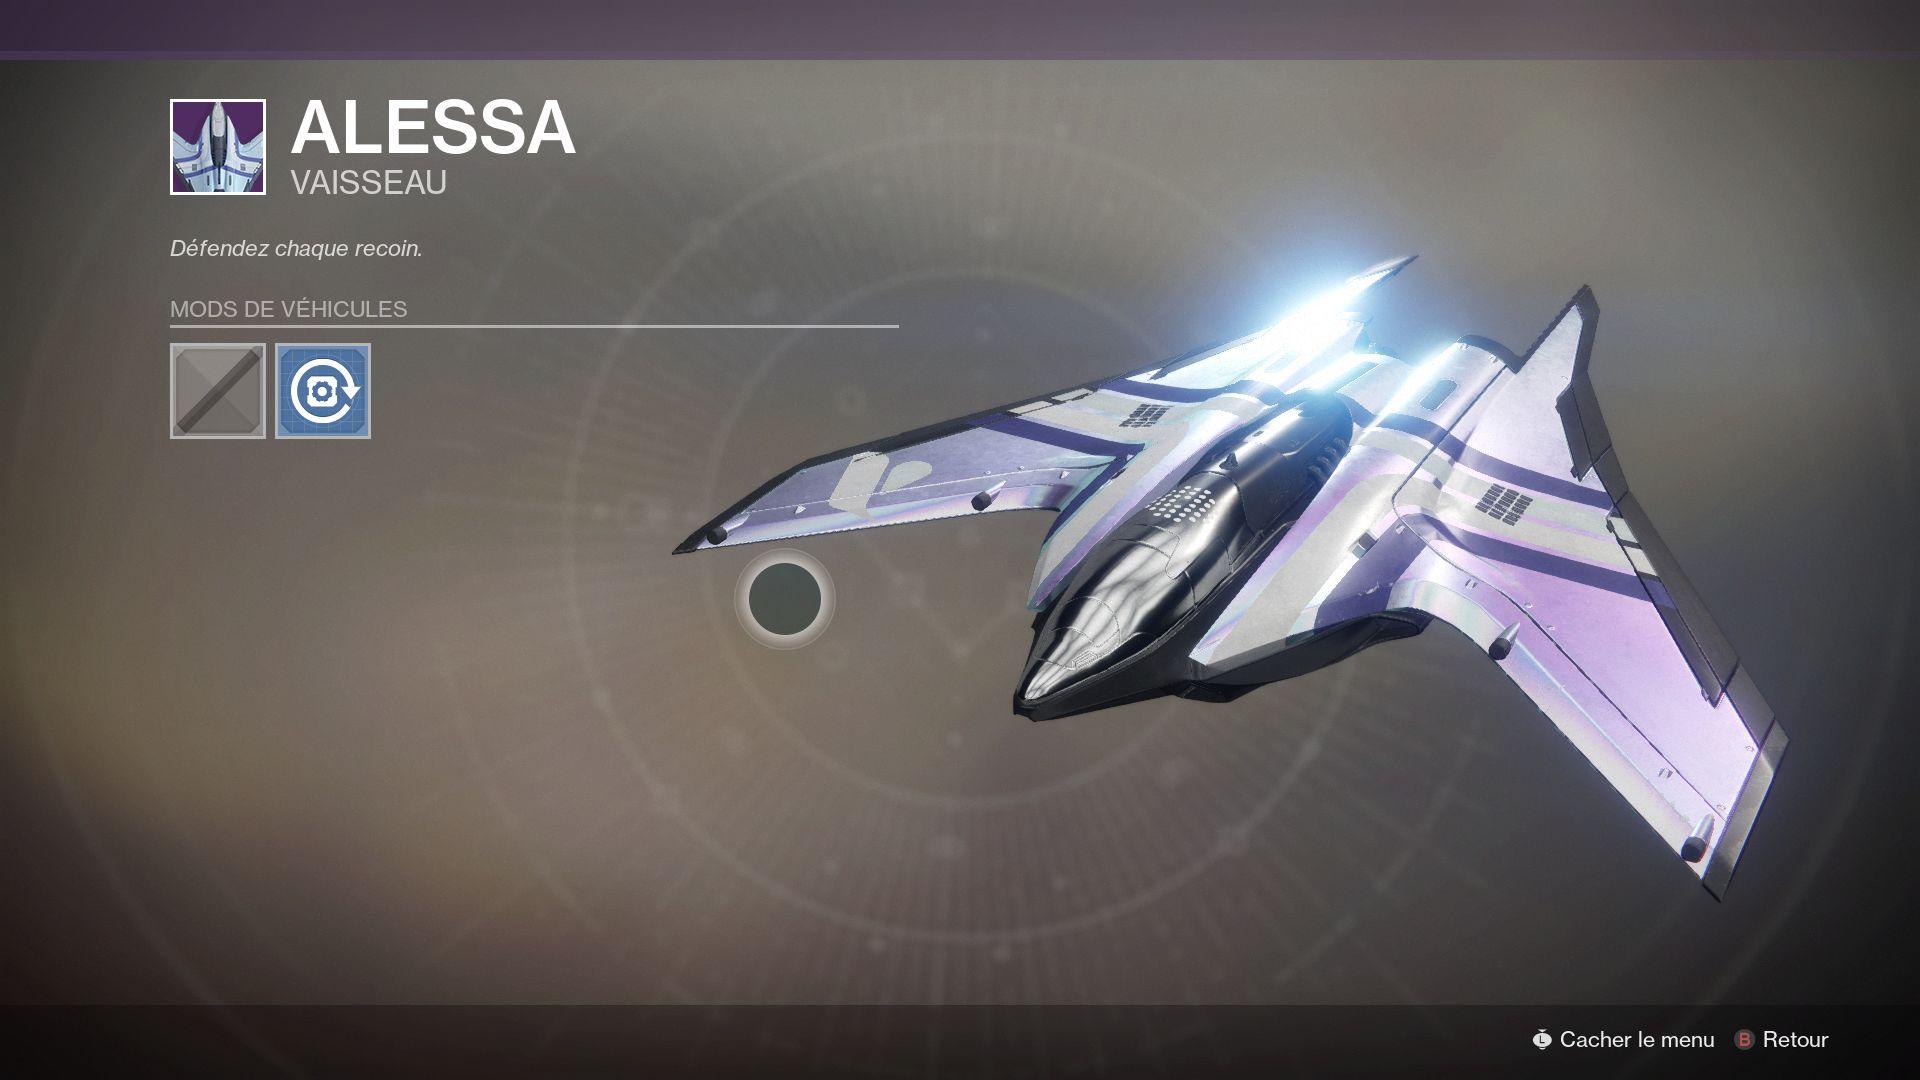 Vaisseau de Destiny 2.